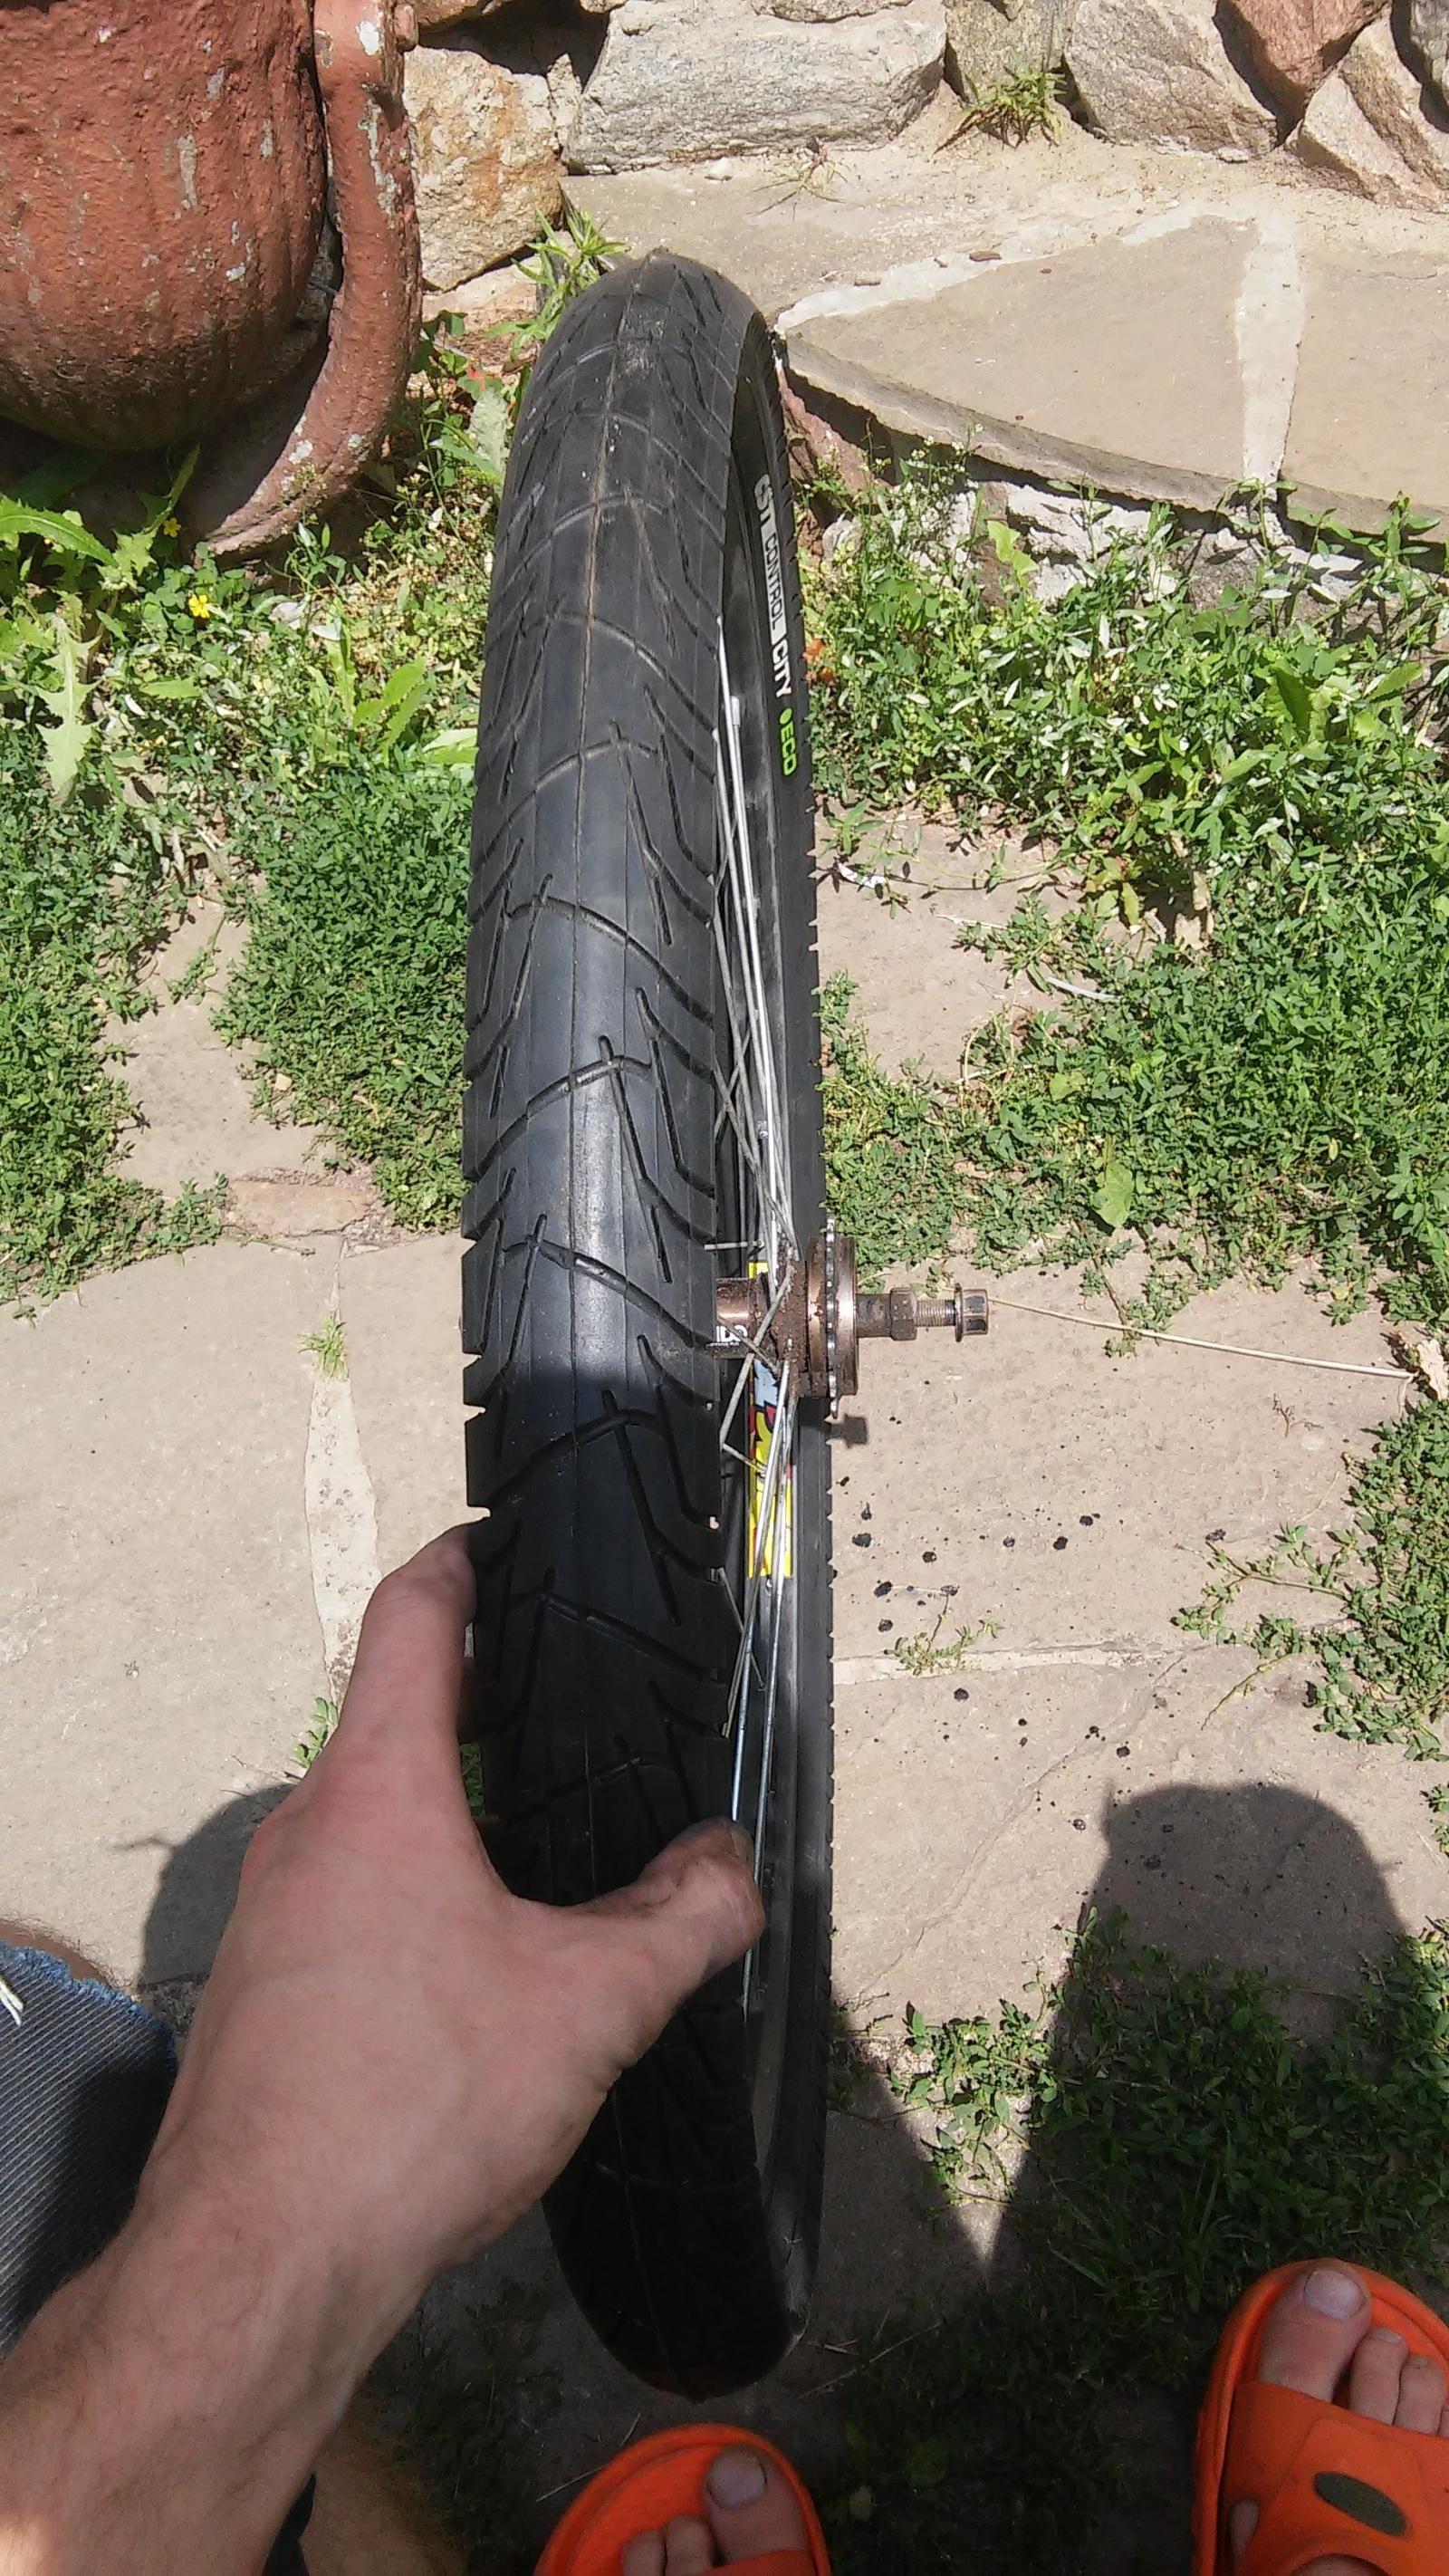 Новая жизнь бюджетного горного велосипеда, превращение в электричку - 16